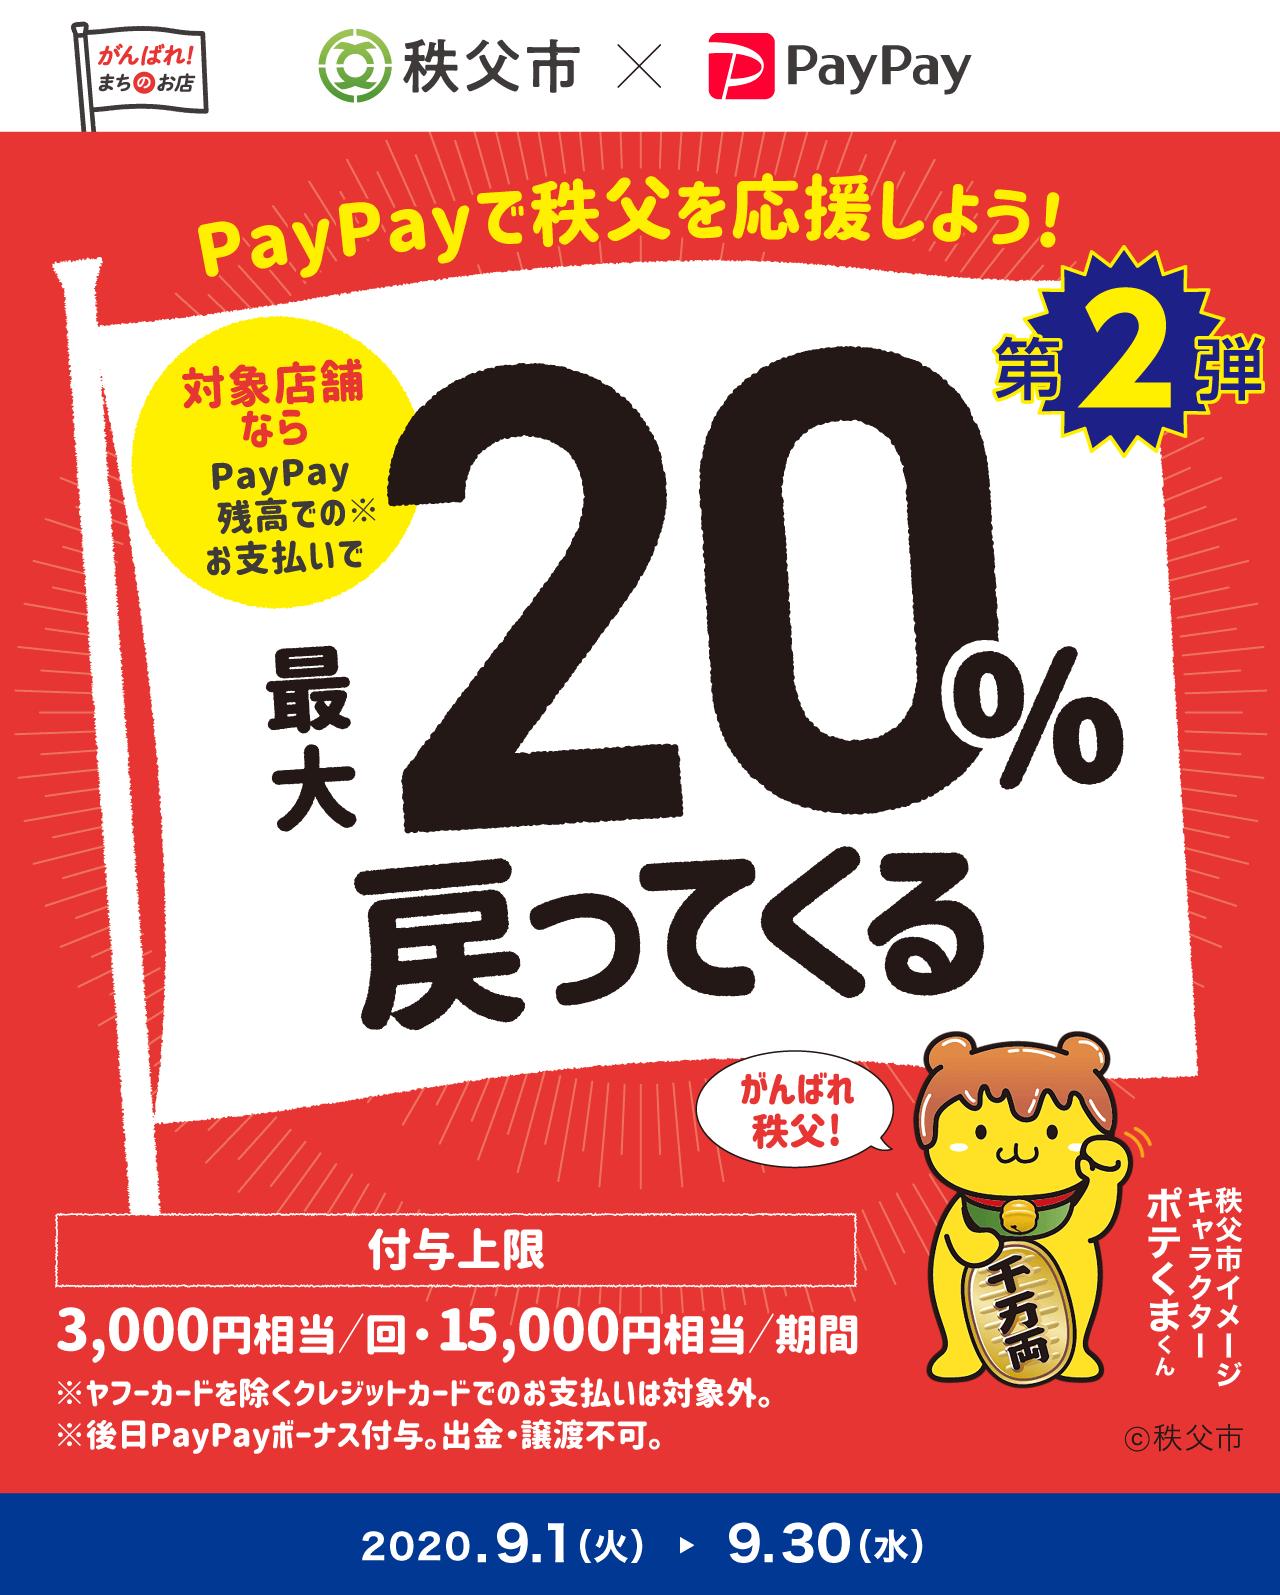 PayPayで秩父を応援しよう!第2弾 対象店舗ならPayPay残高でのお支払いで最大20%戻ってくる